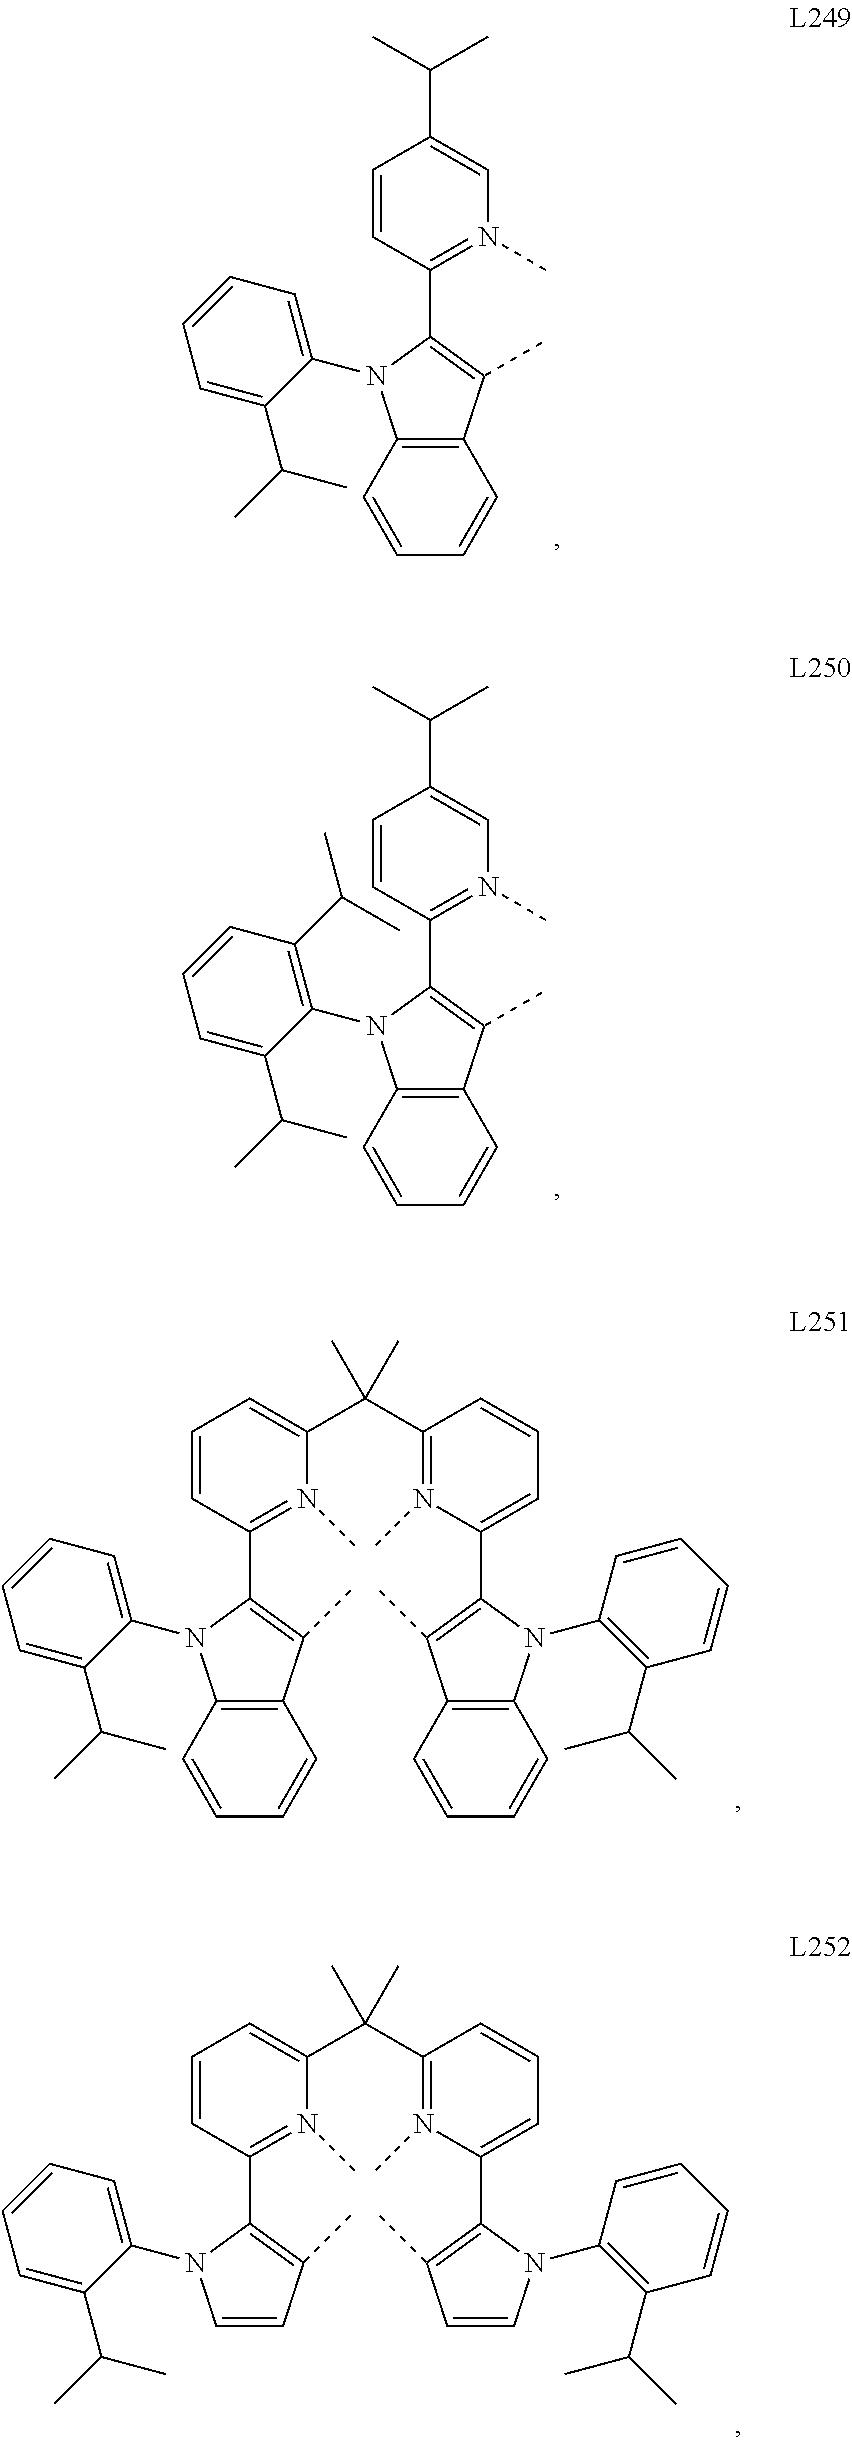 Figure US09935277-20180403-C00056